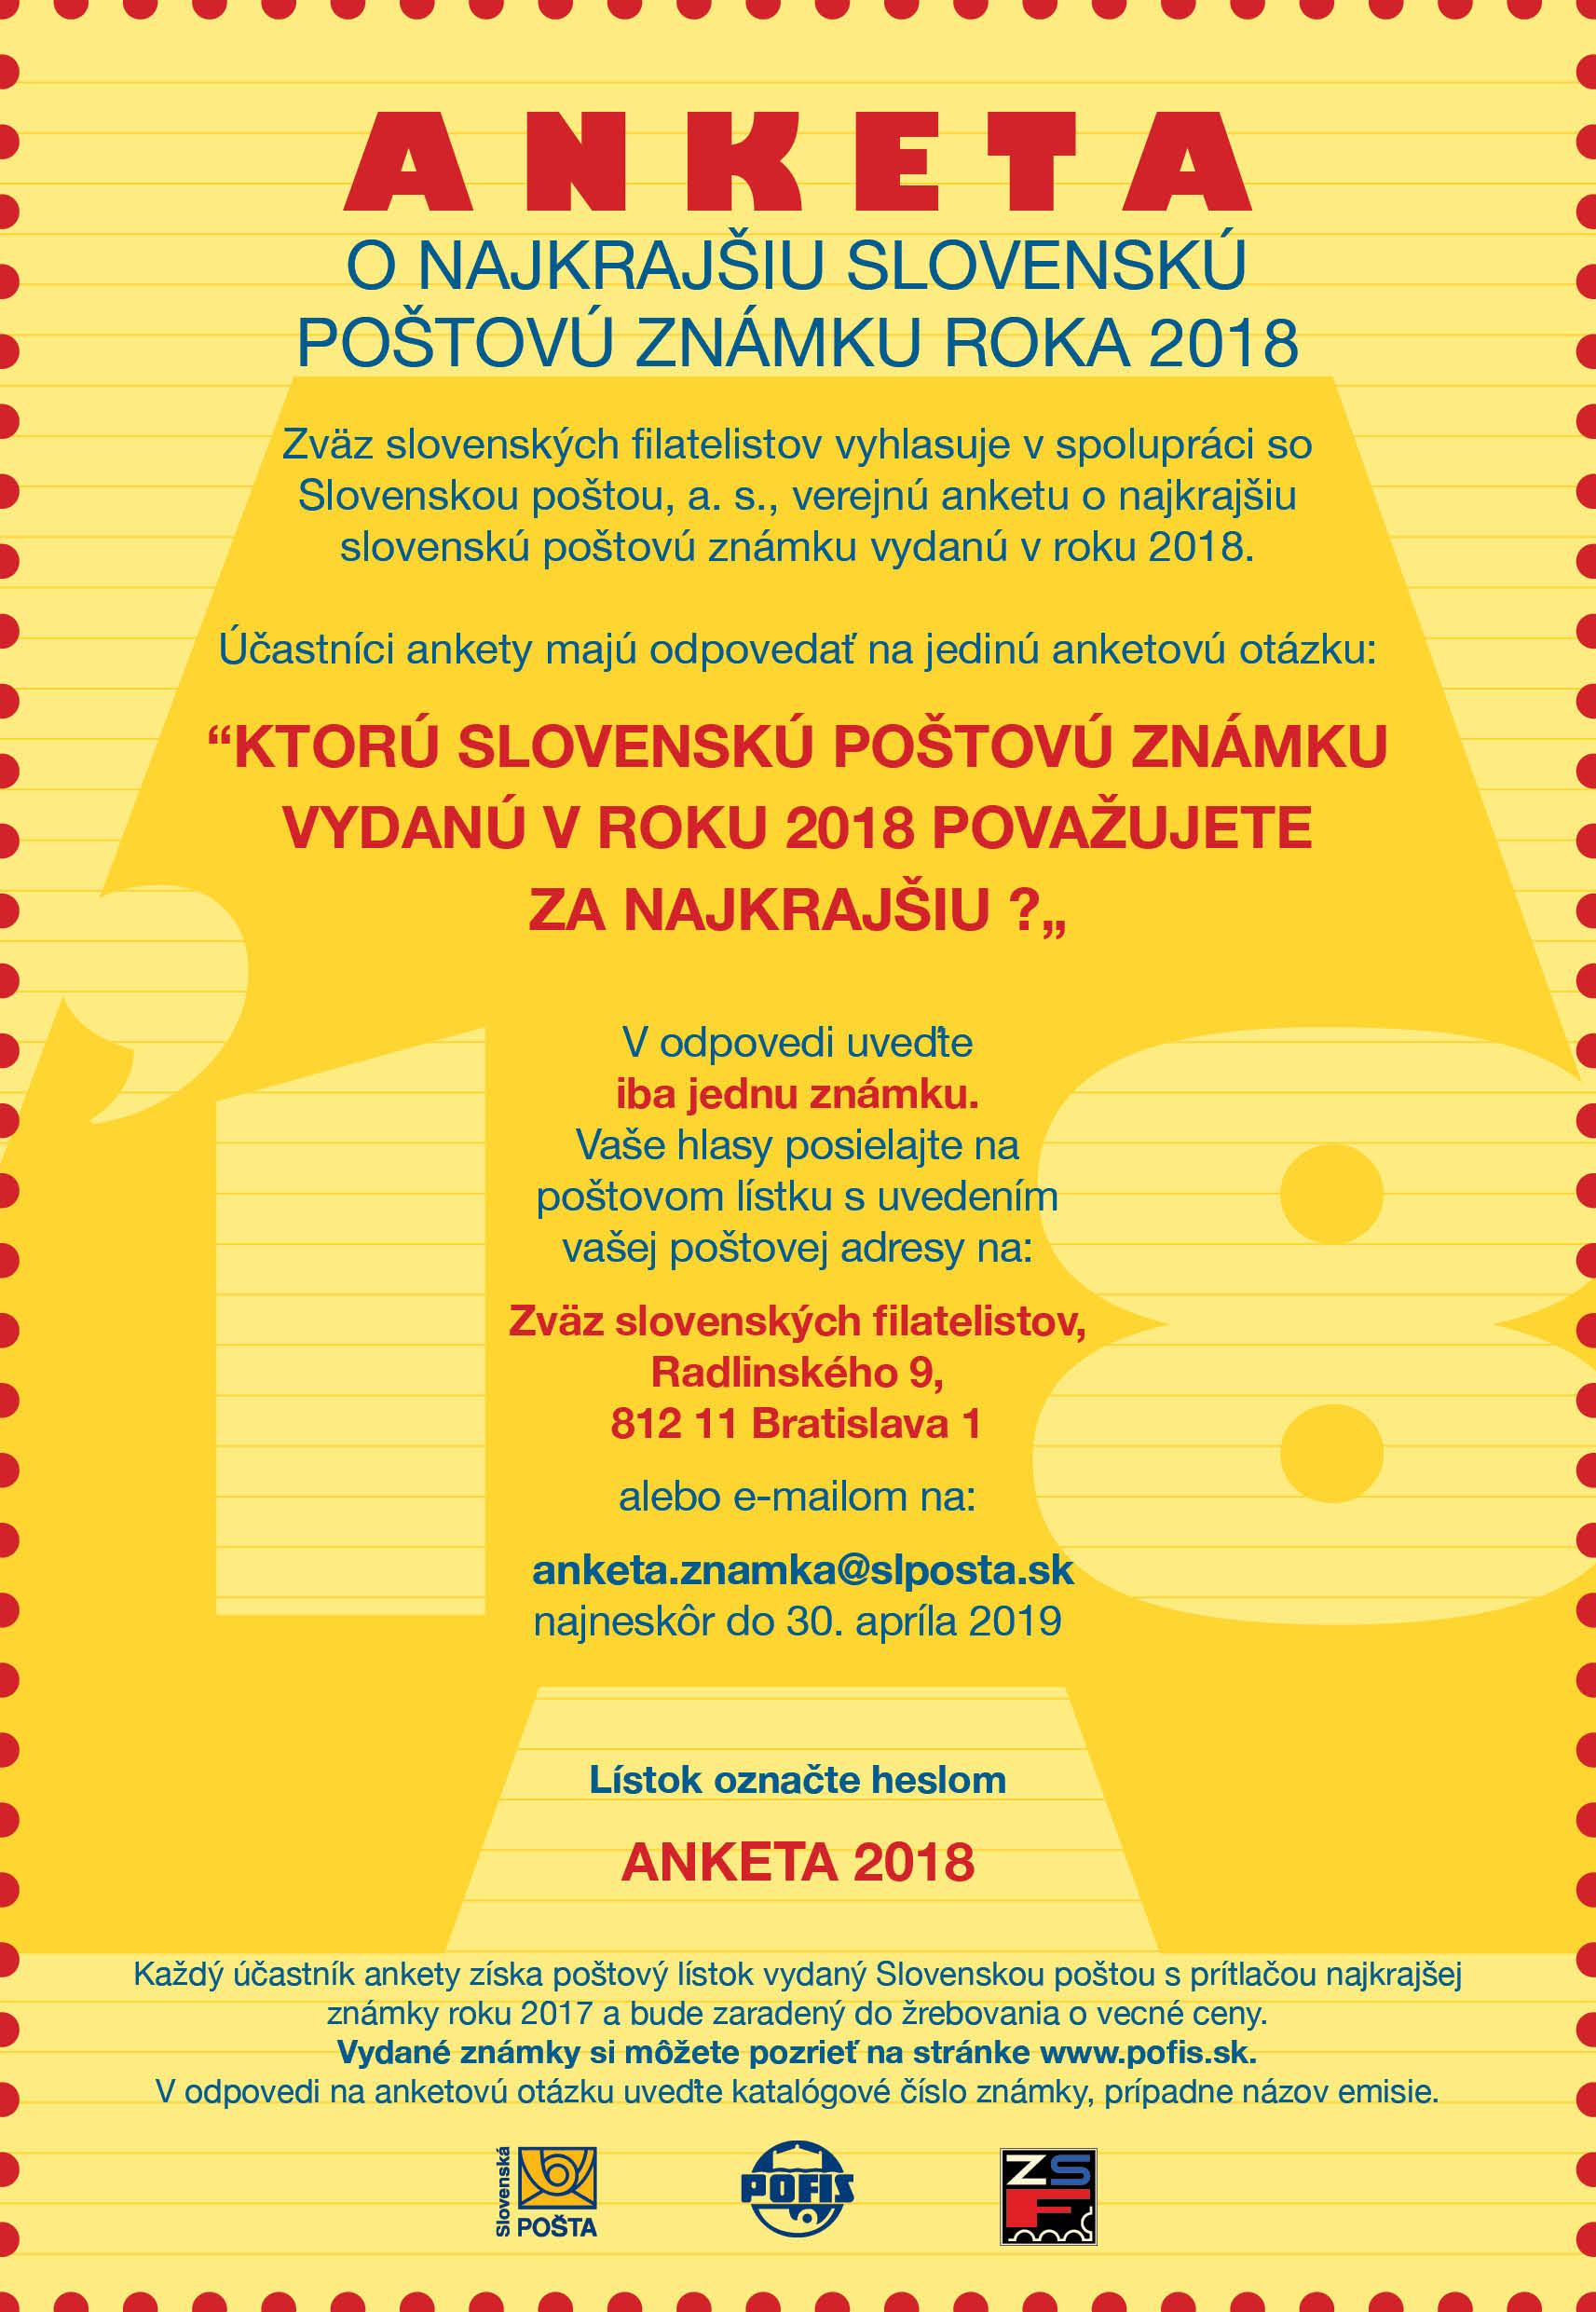 3a770803fc891 Anketa o najkrajšiu slovenskú poštovú známku za rok 2018 - www ...